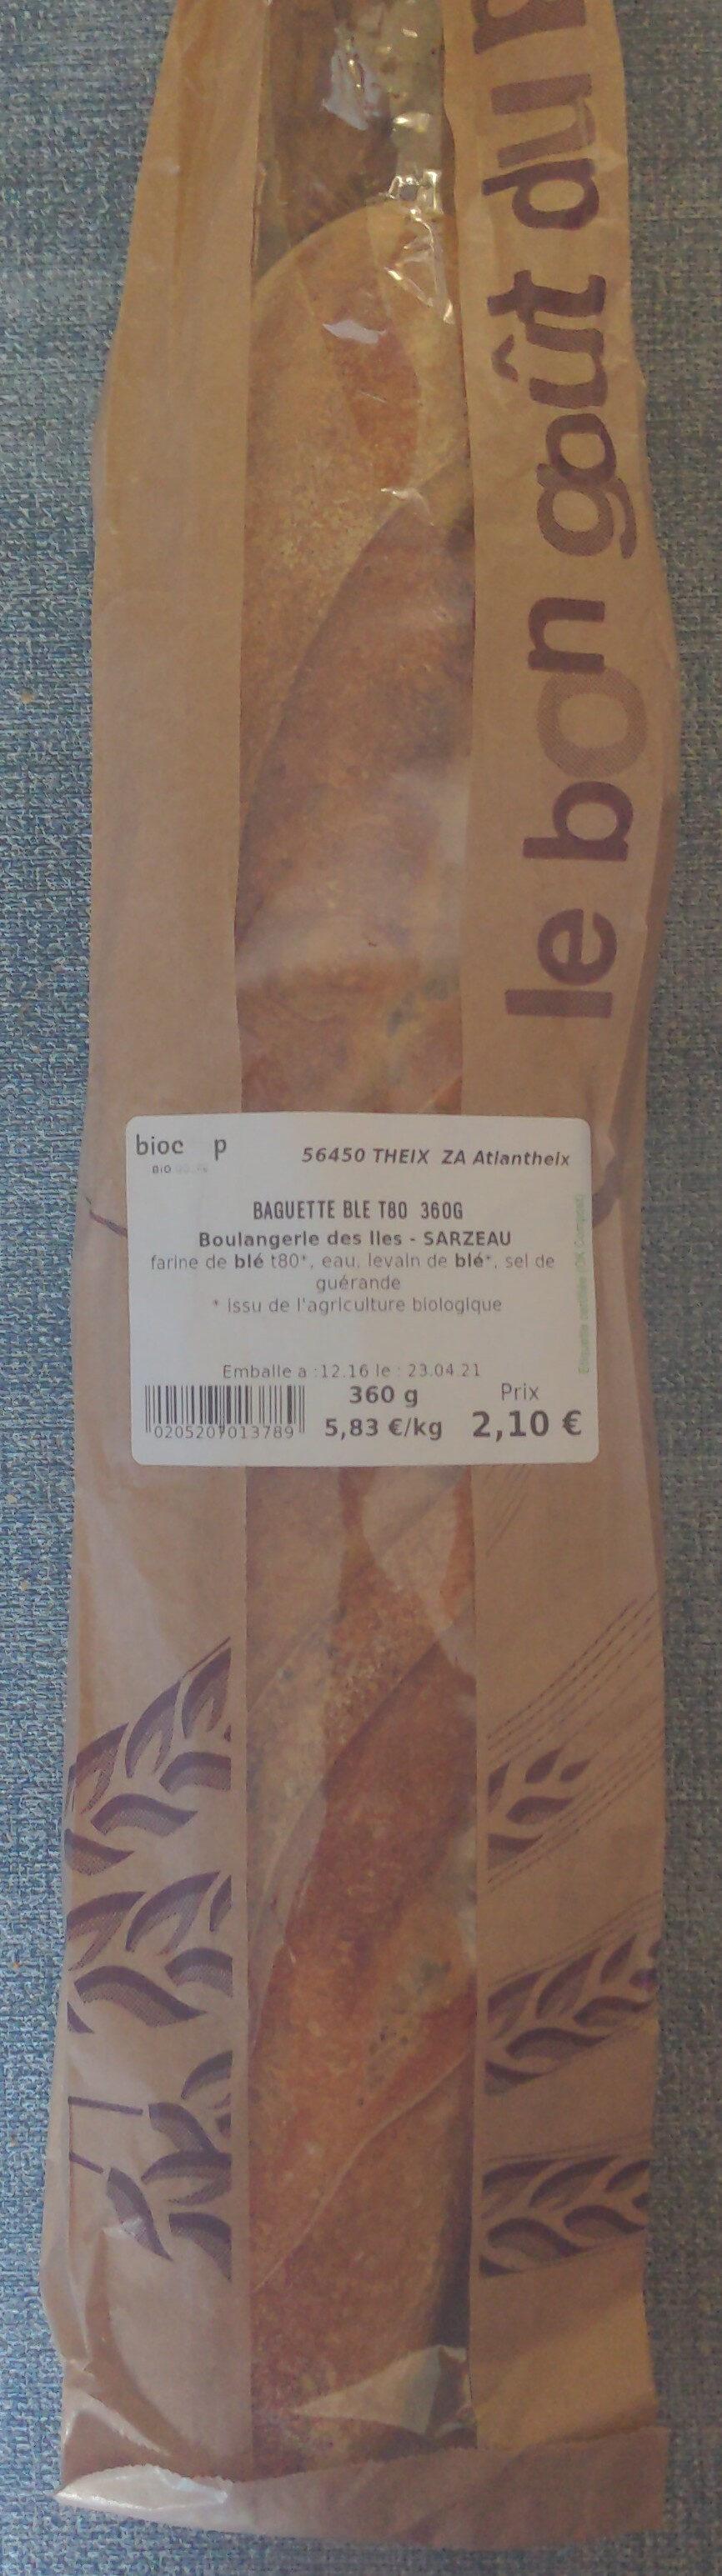 Baguette blé T80 - Prodotto - fr